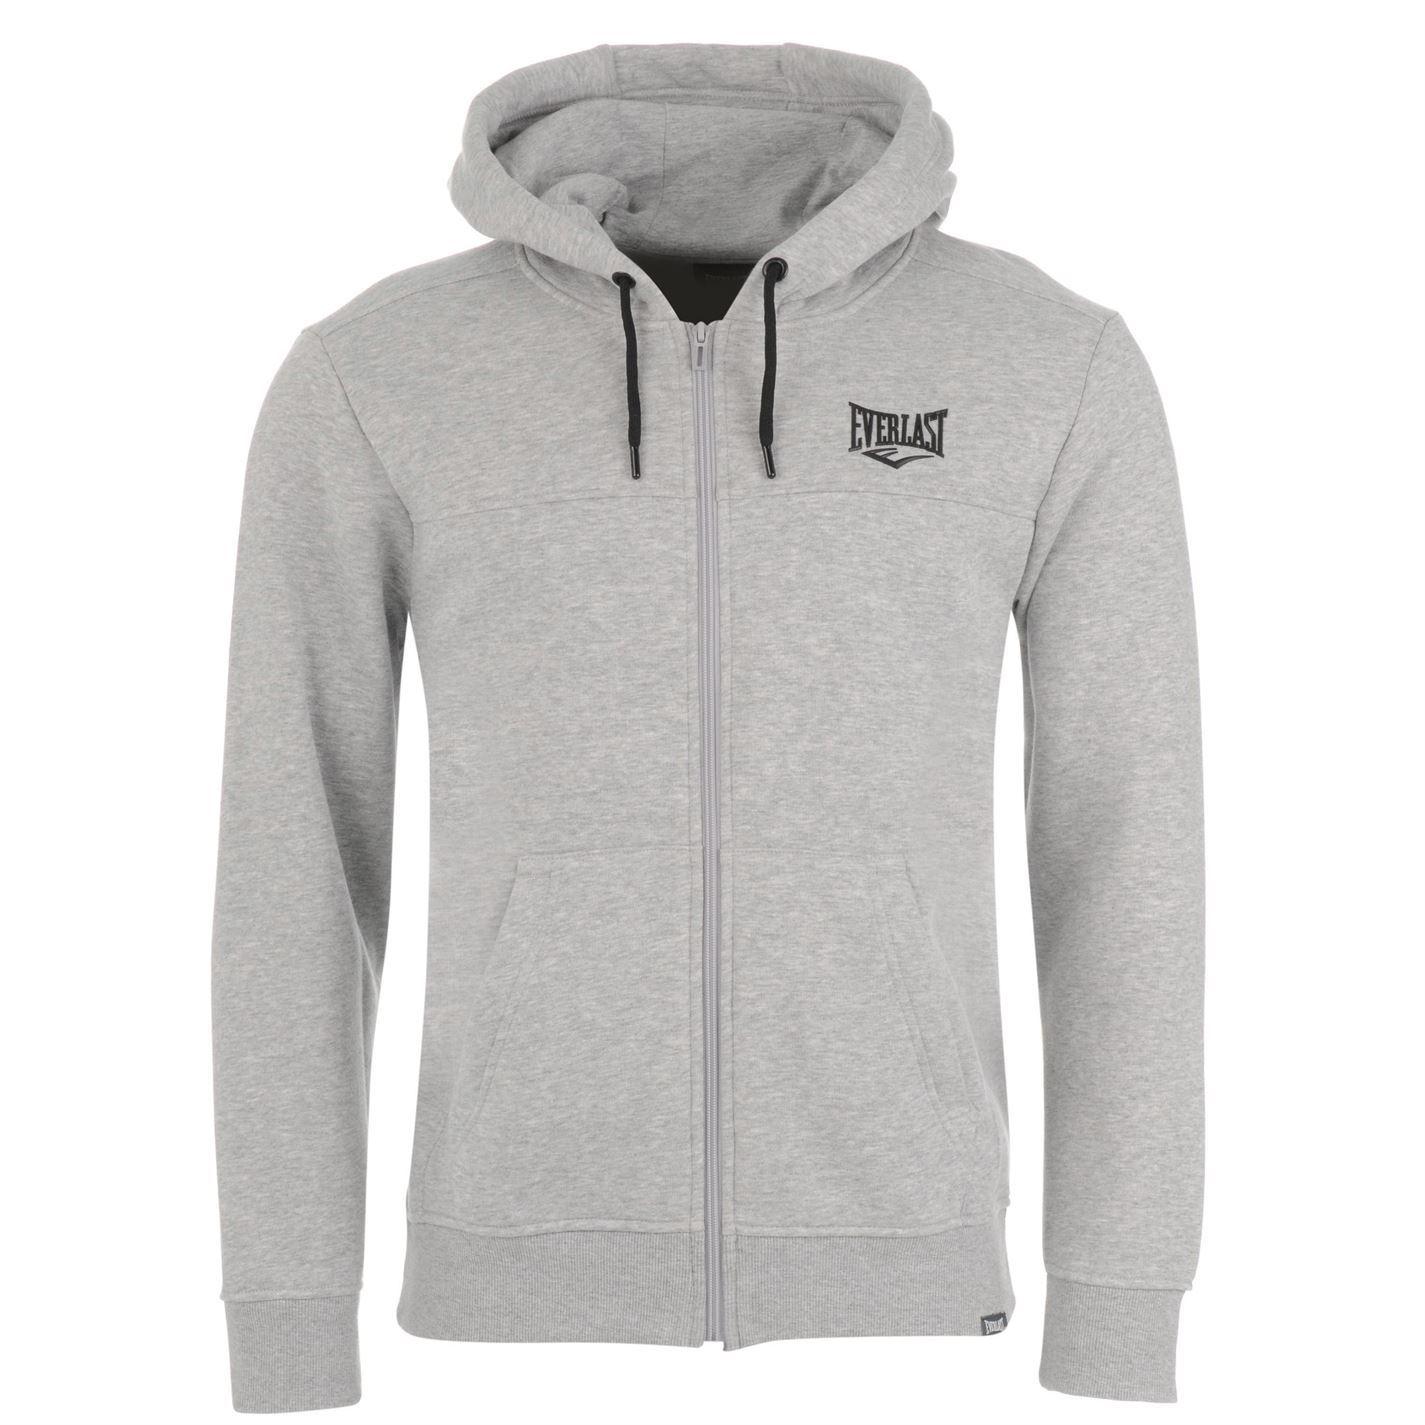 Everlast-Logo-Full-Zip-Hoody-Jacket-Mens-Hoodie-Sweatshirt-Sweater-Hooded-Top thumbnail 28